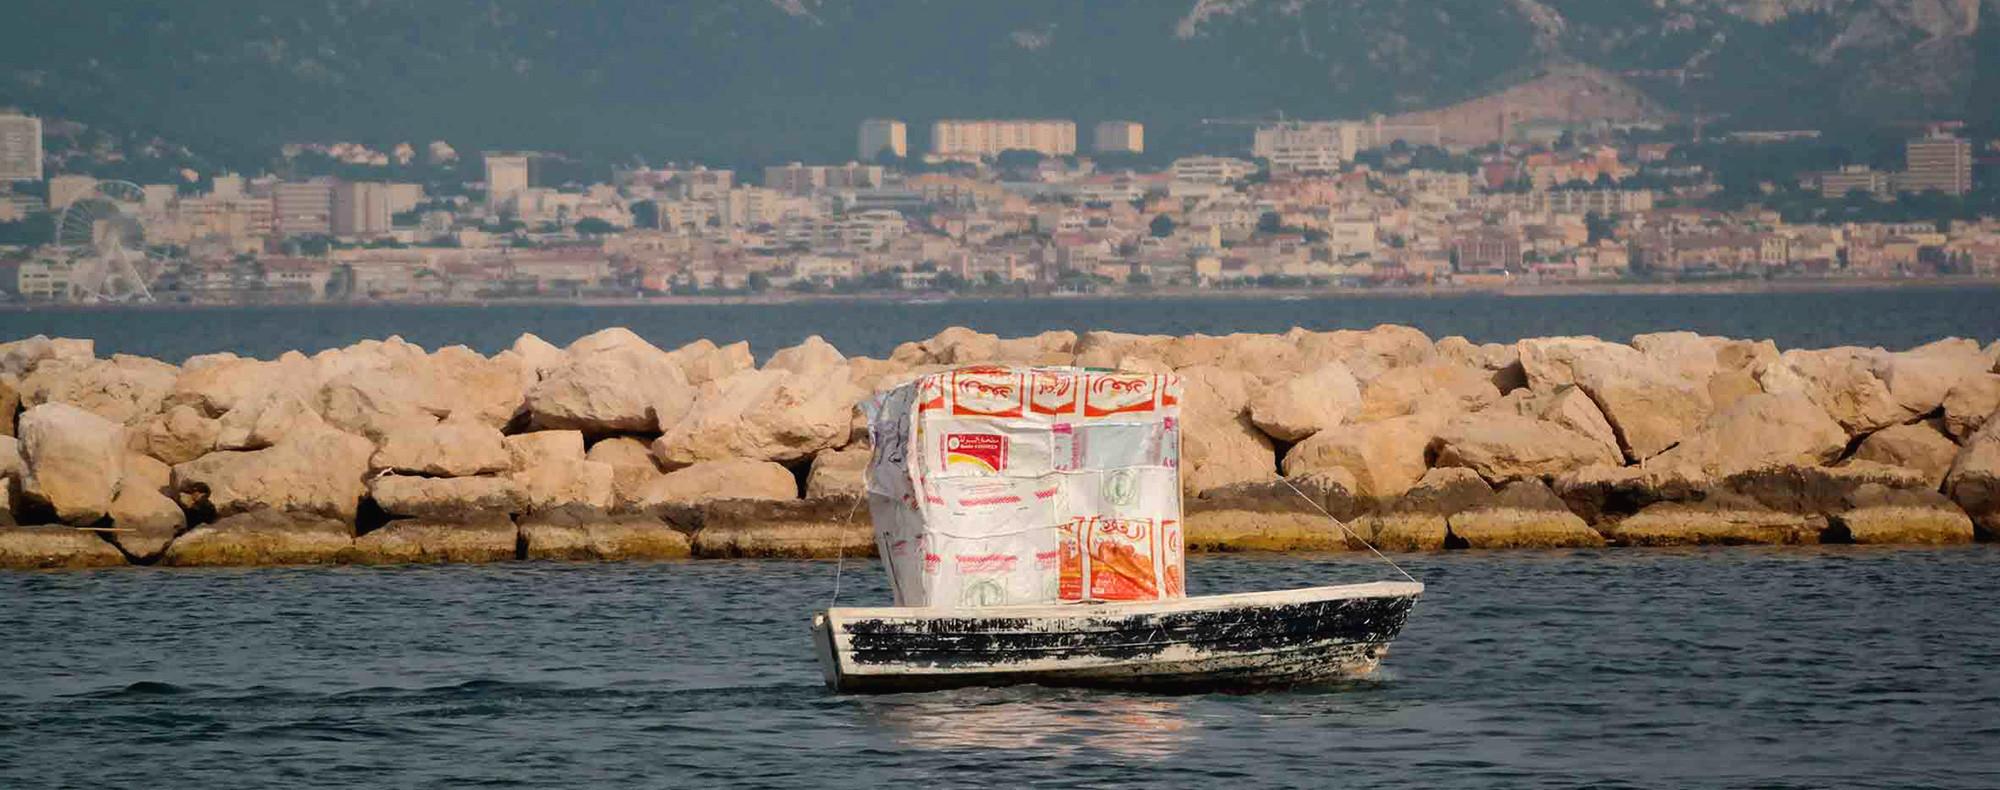 fliessende grenzen, ausstellung, galerie lisi hämmerle, 2015, katrin ströbel, Mohammed Laouli